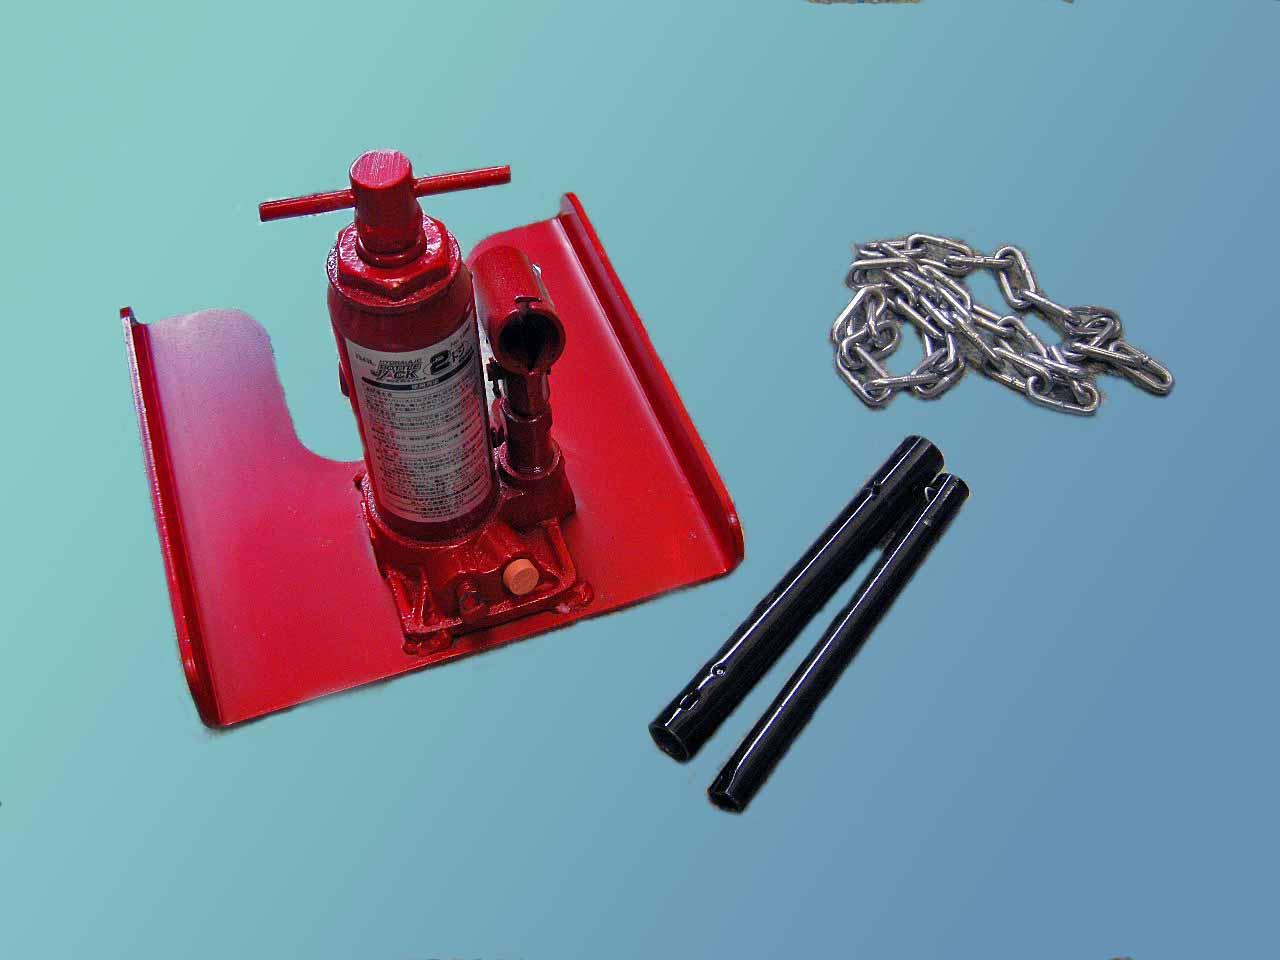 特別セーフ 外ED KK-2100かんたん杭抜き器(油圧式) KK-2100 外ED, 良品マルシェ:6170bdb9 --- business.personalco5.dominiotemporario.com